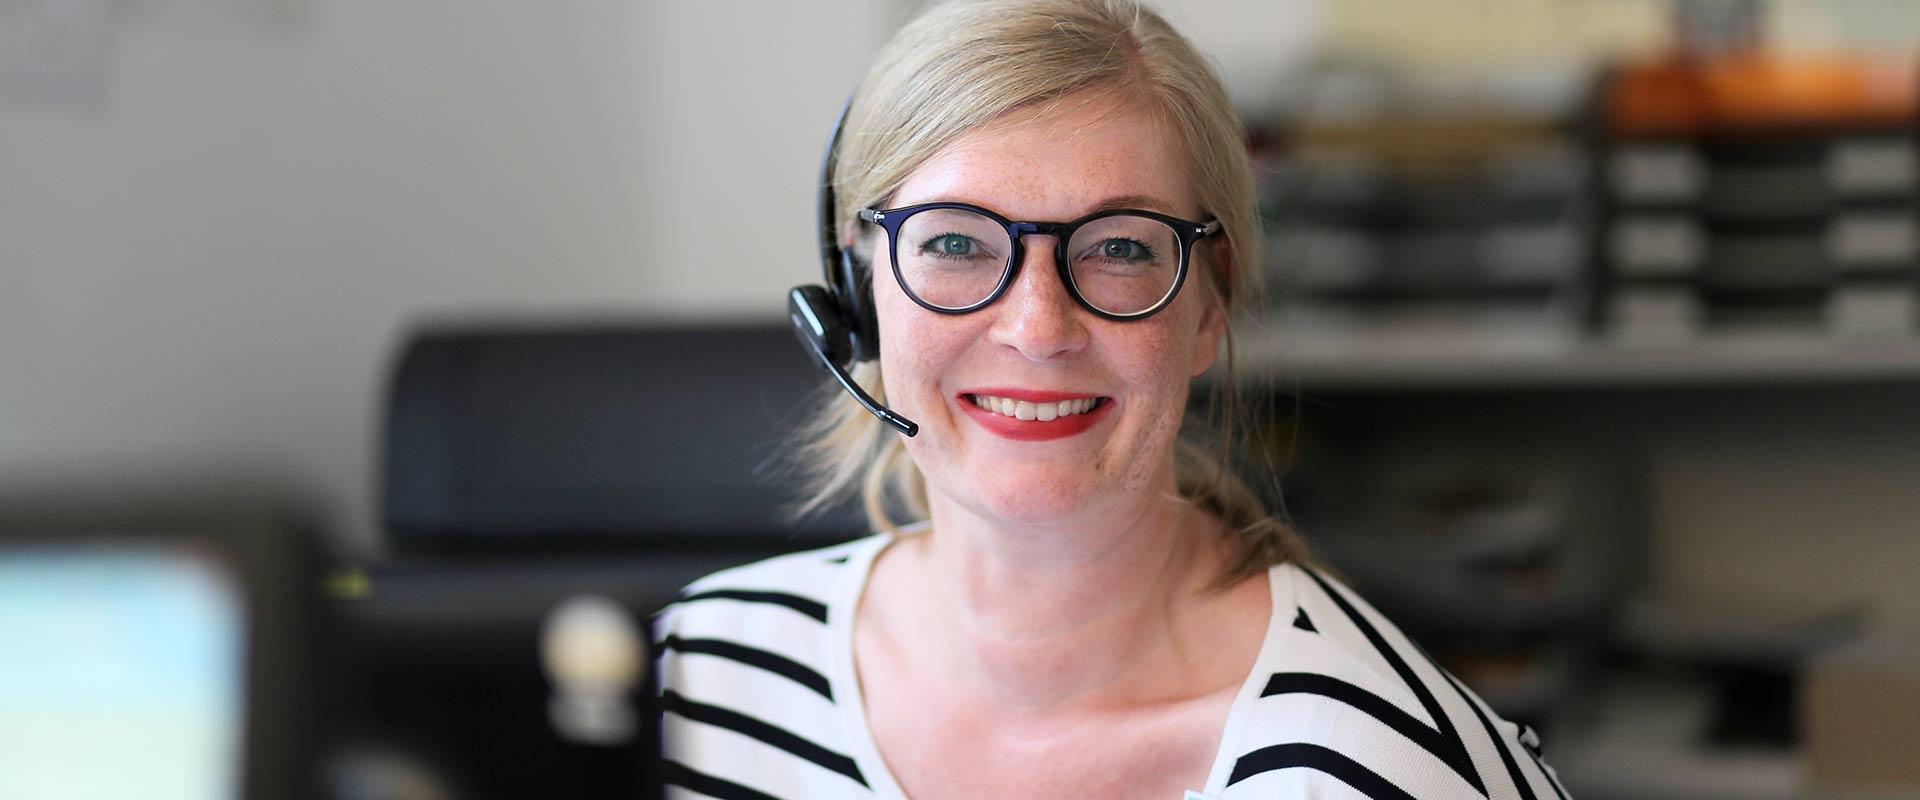 Frau an der Anmeldung und Aufnahme des MEDIAN Zentrum für Verhaltensmedizin Bad Pyrmont – Fachkrankenhaus